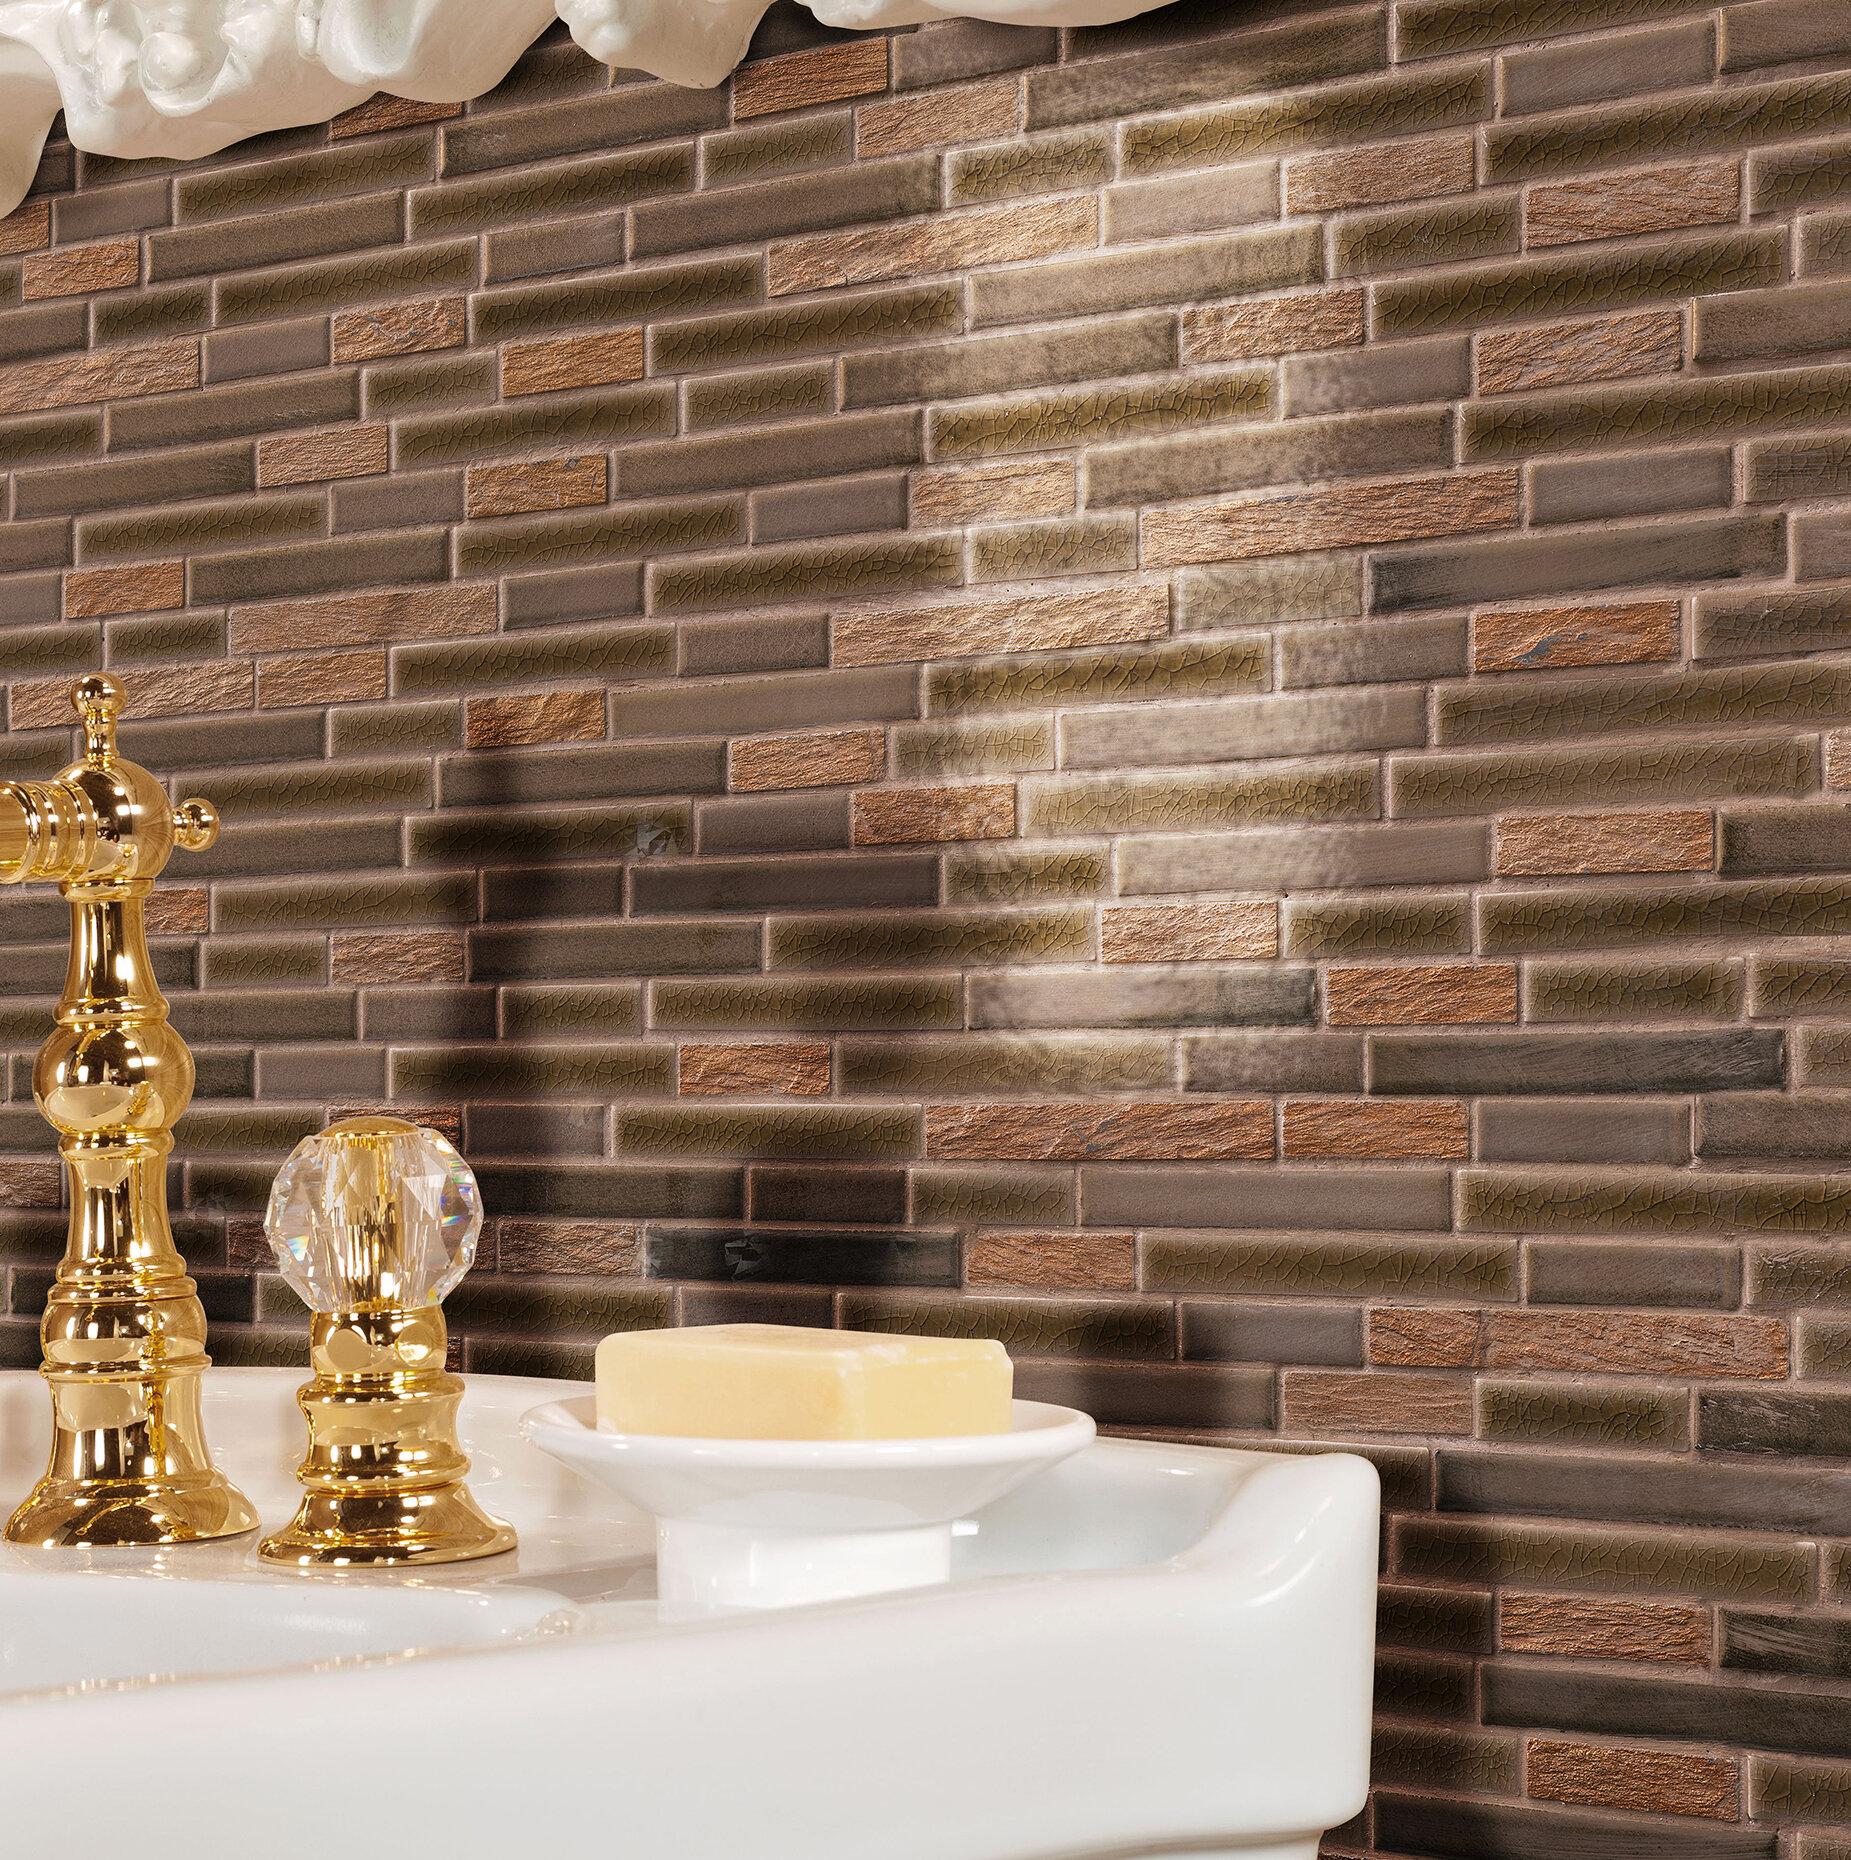 Msi Triton Interlocking Pattern Porcelain Stone Mosaic Tile In Brown Wayfair